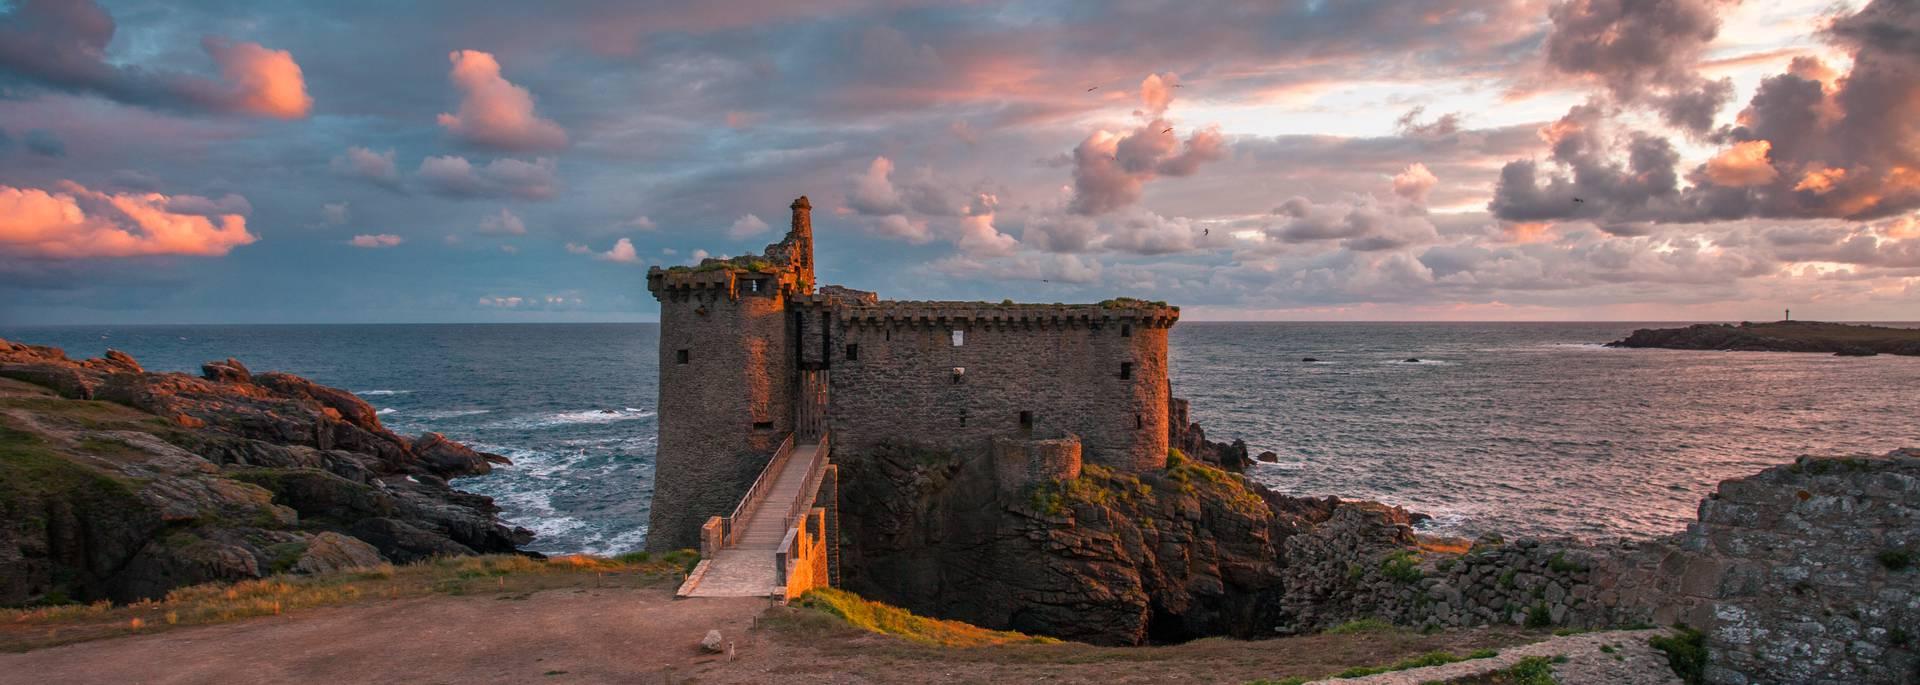 Le Vieux-Château © R. Laurent / OT île d'Yeu